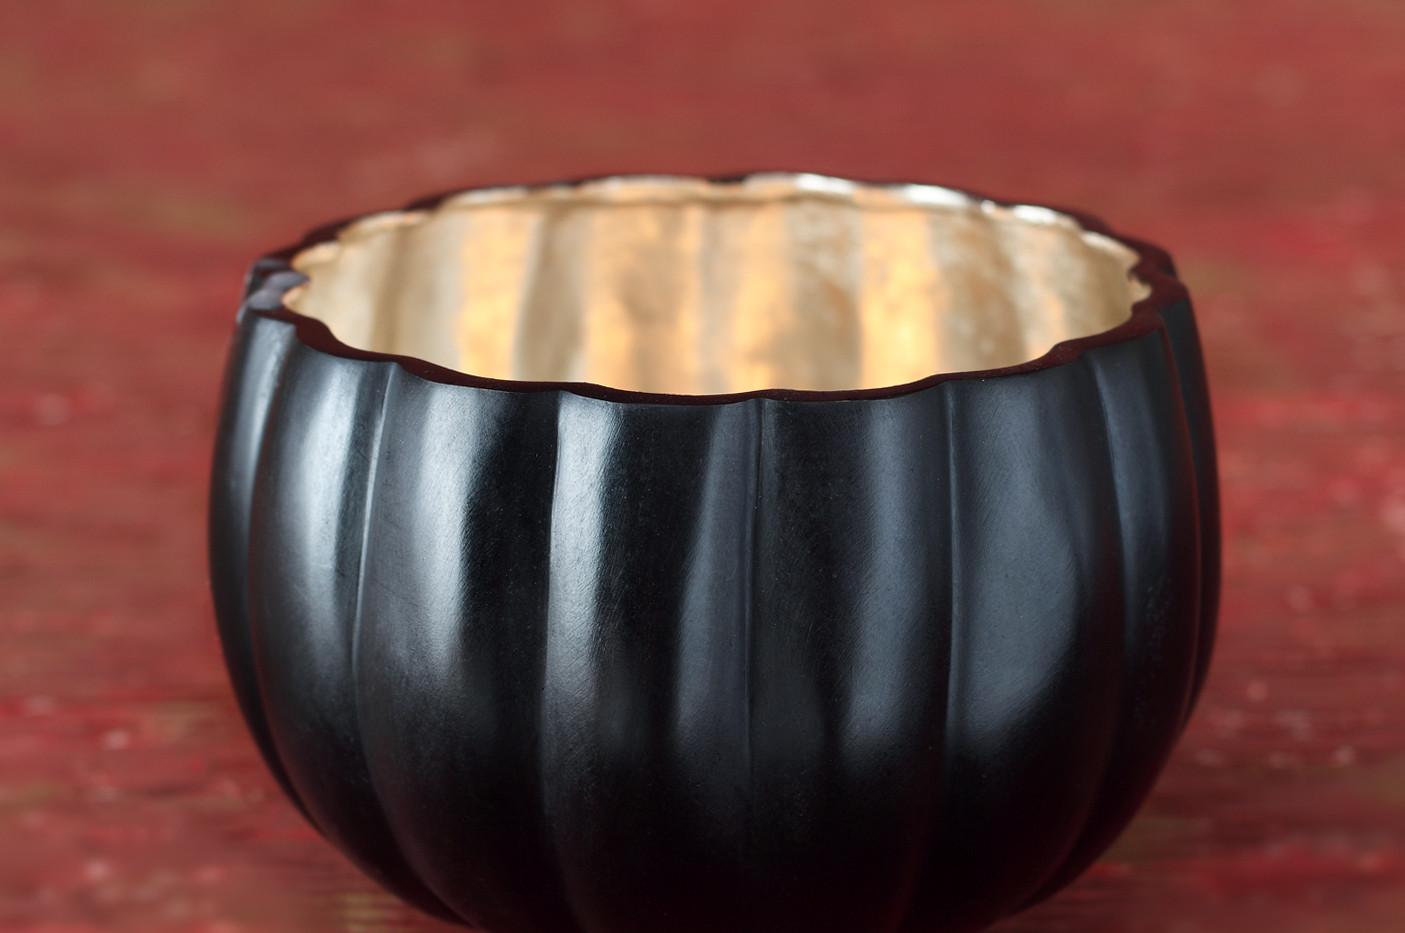 Bronze Pumpkin Bowls - Silver inside